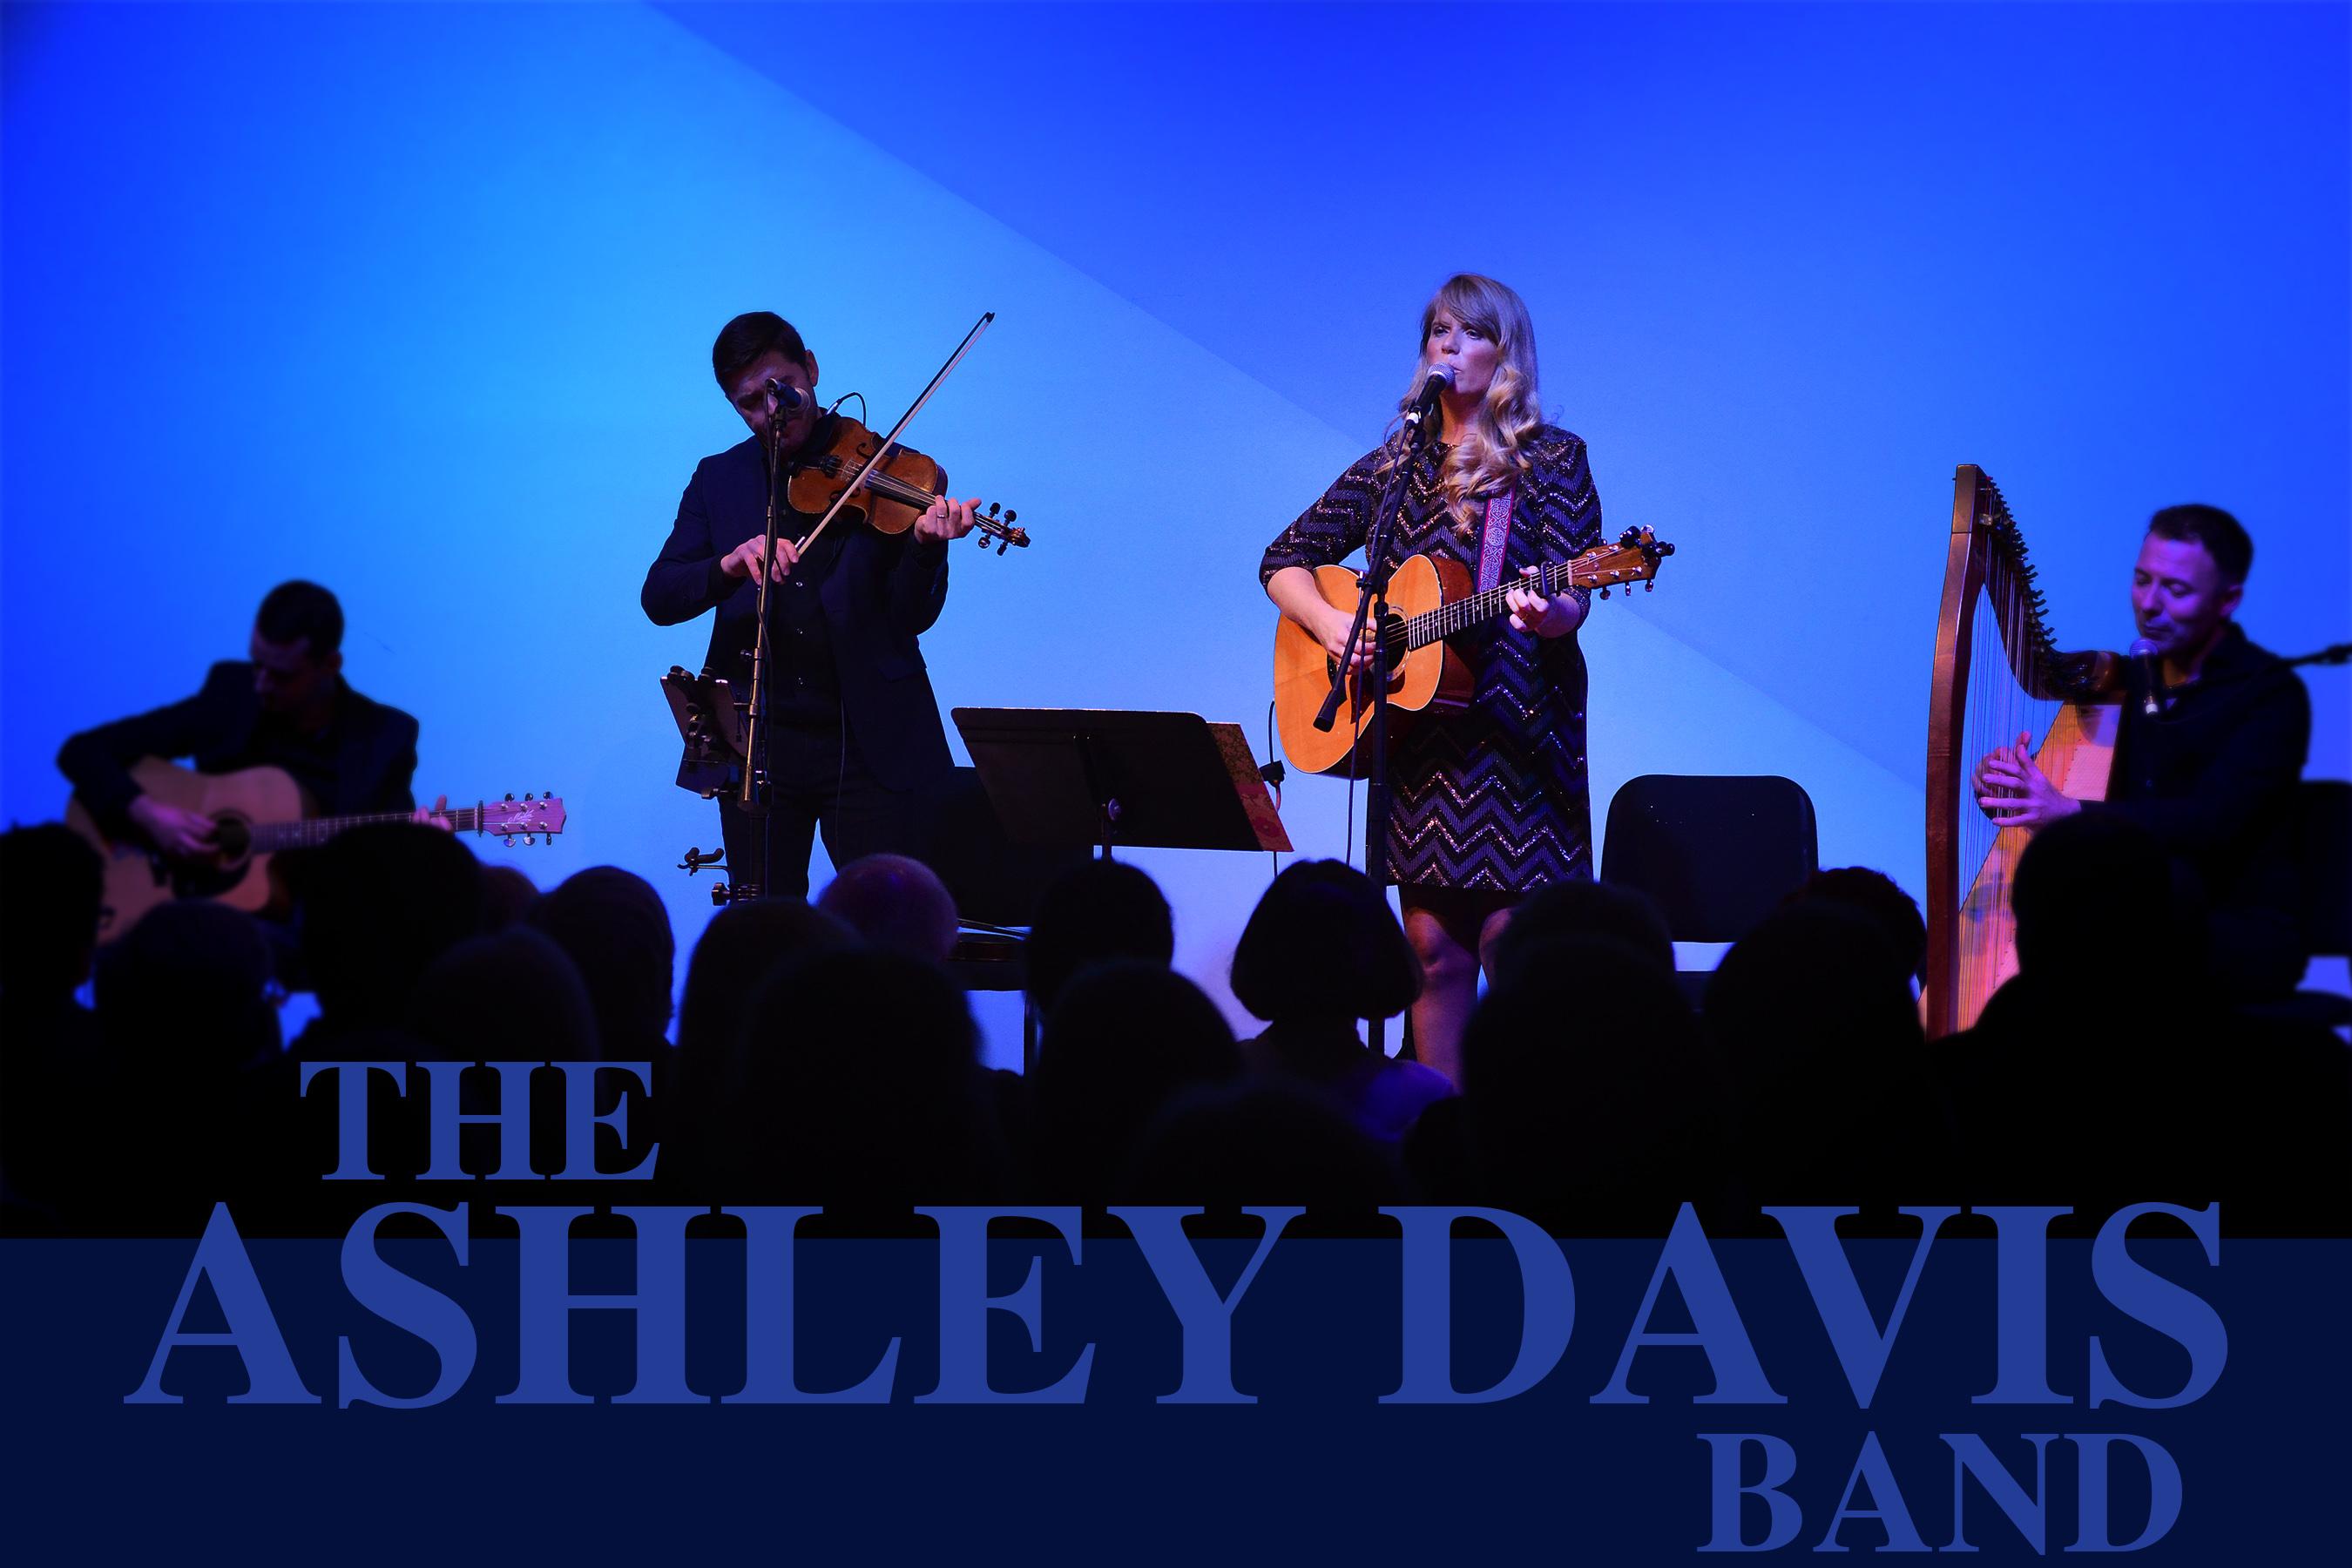 The Ashley Davis Band